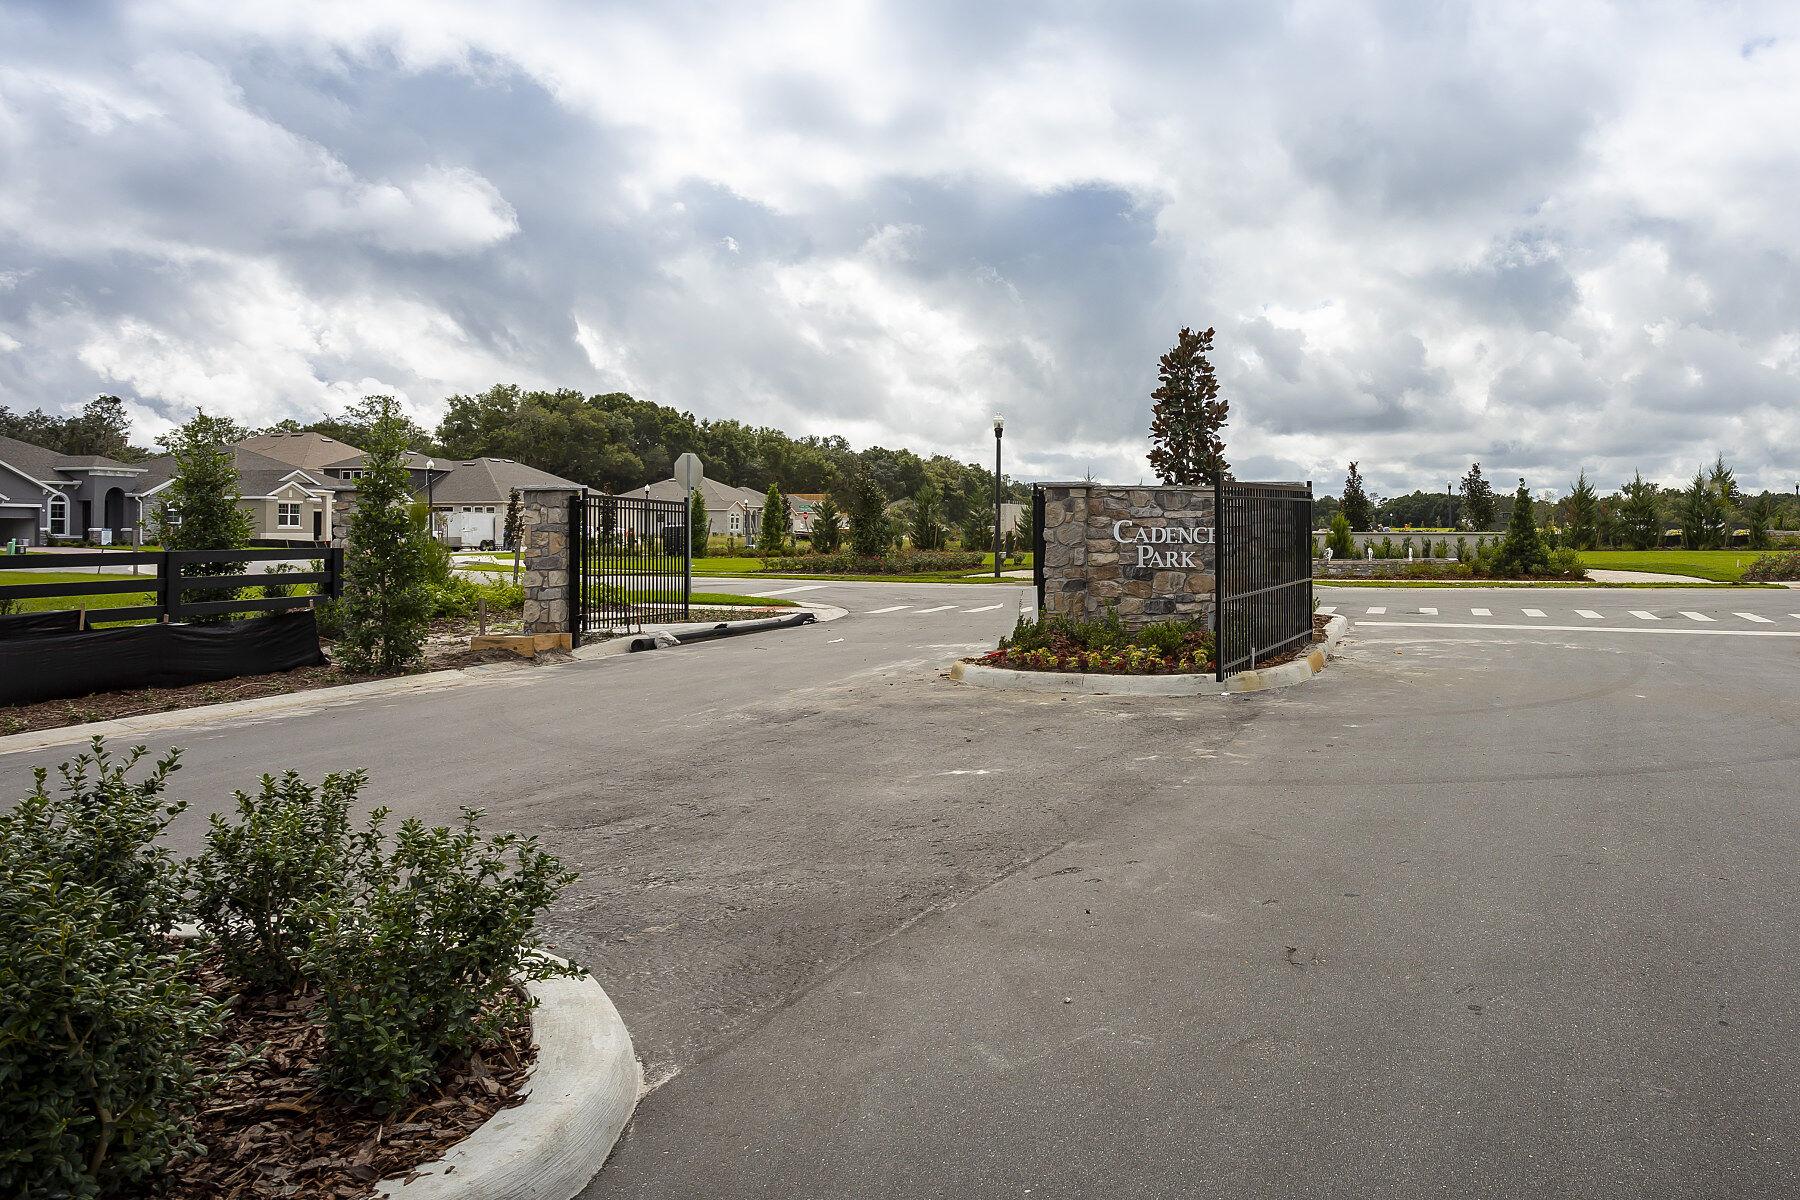 Cadence Park Entrance